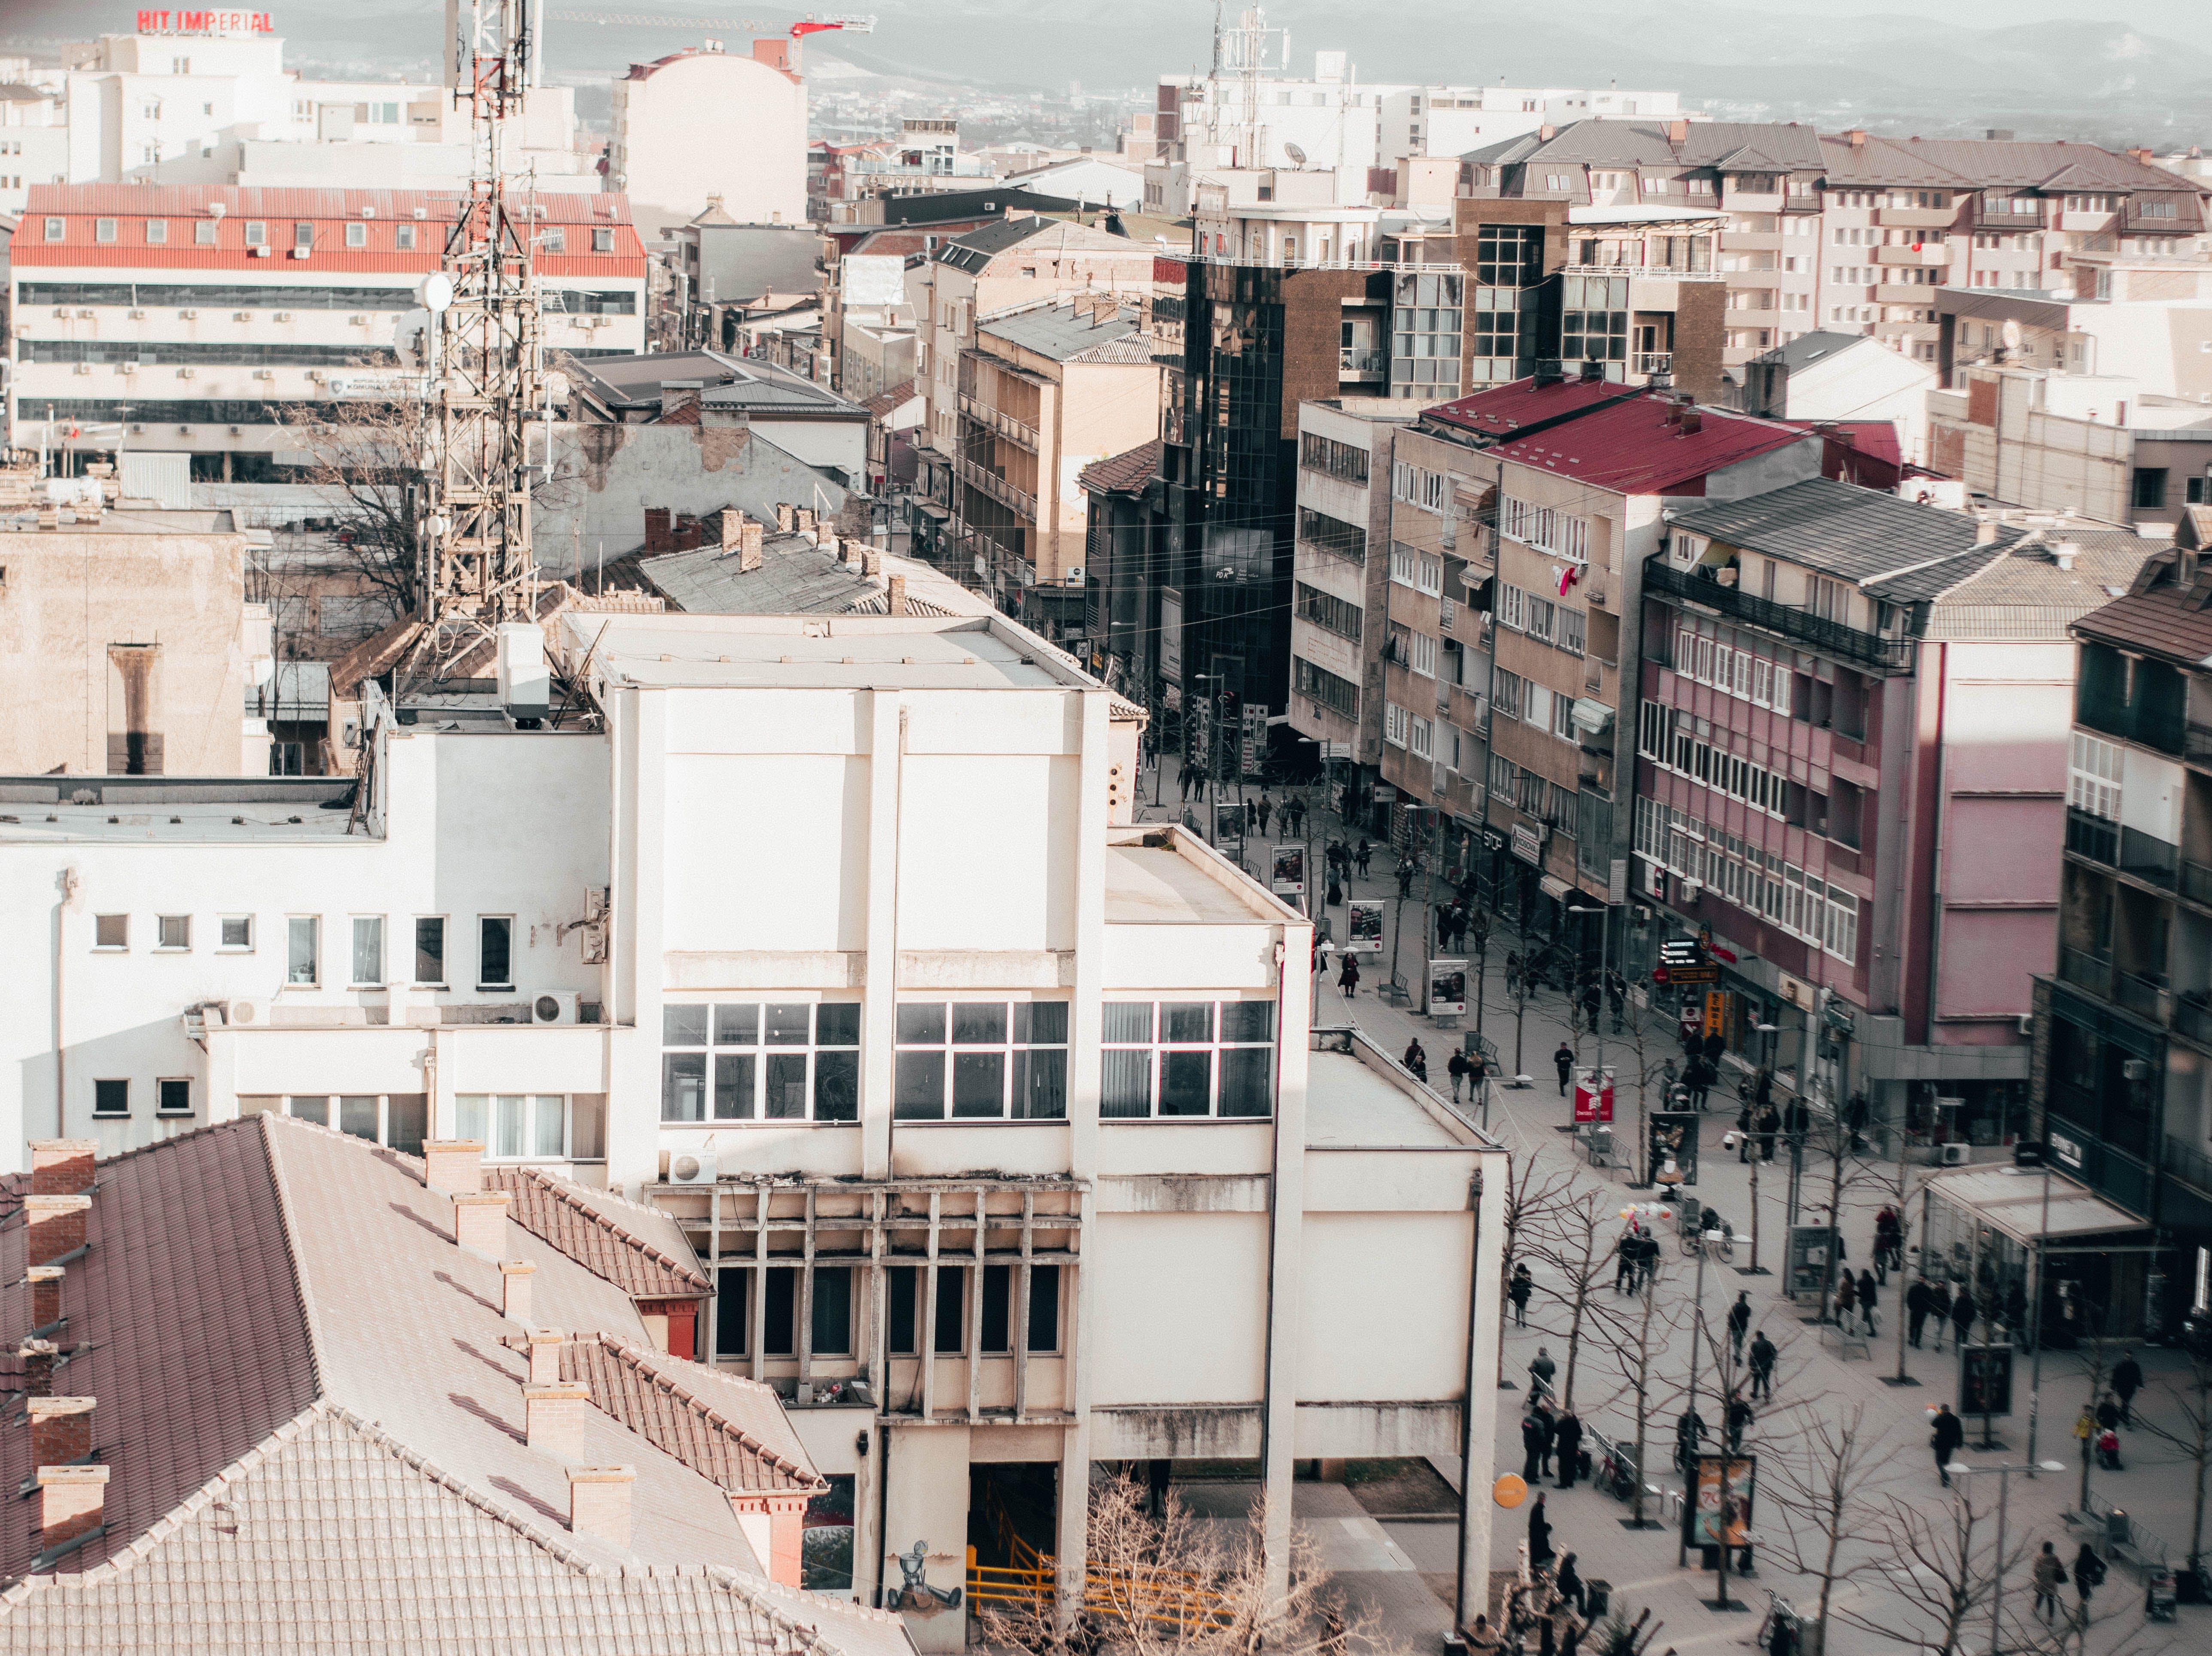 Free stock photo of Ferizaj city, kosovo